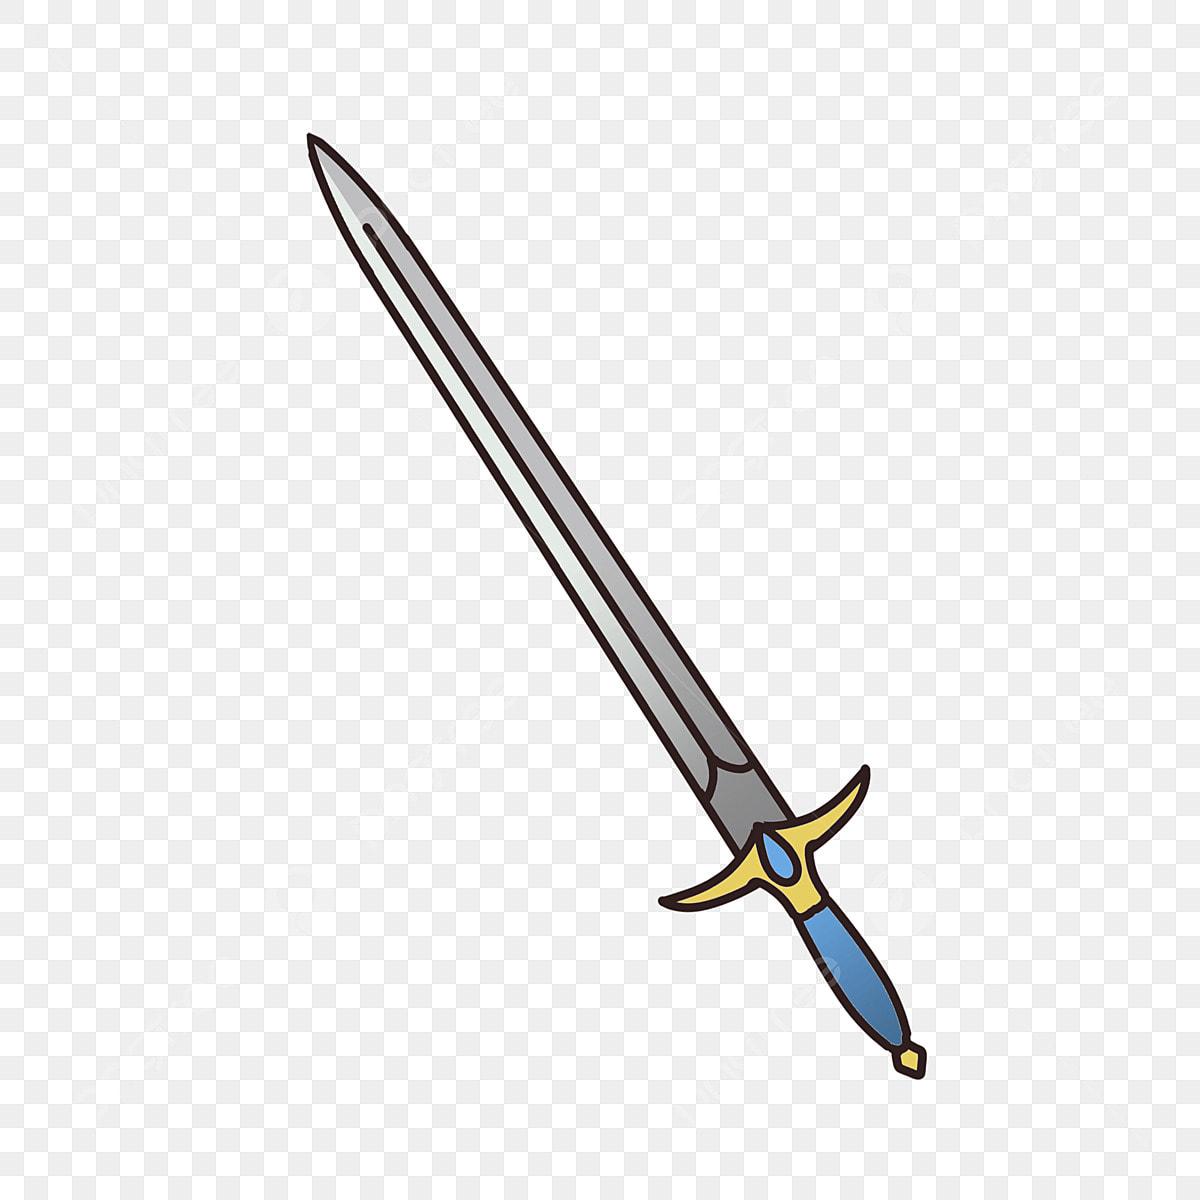 cartoon sword png metal sword cartoon weapon, sword, sword cartoon, gray